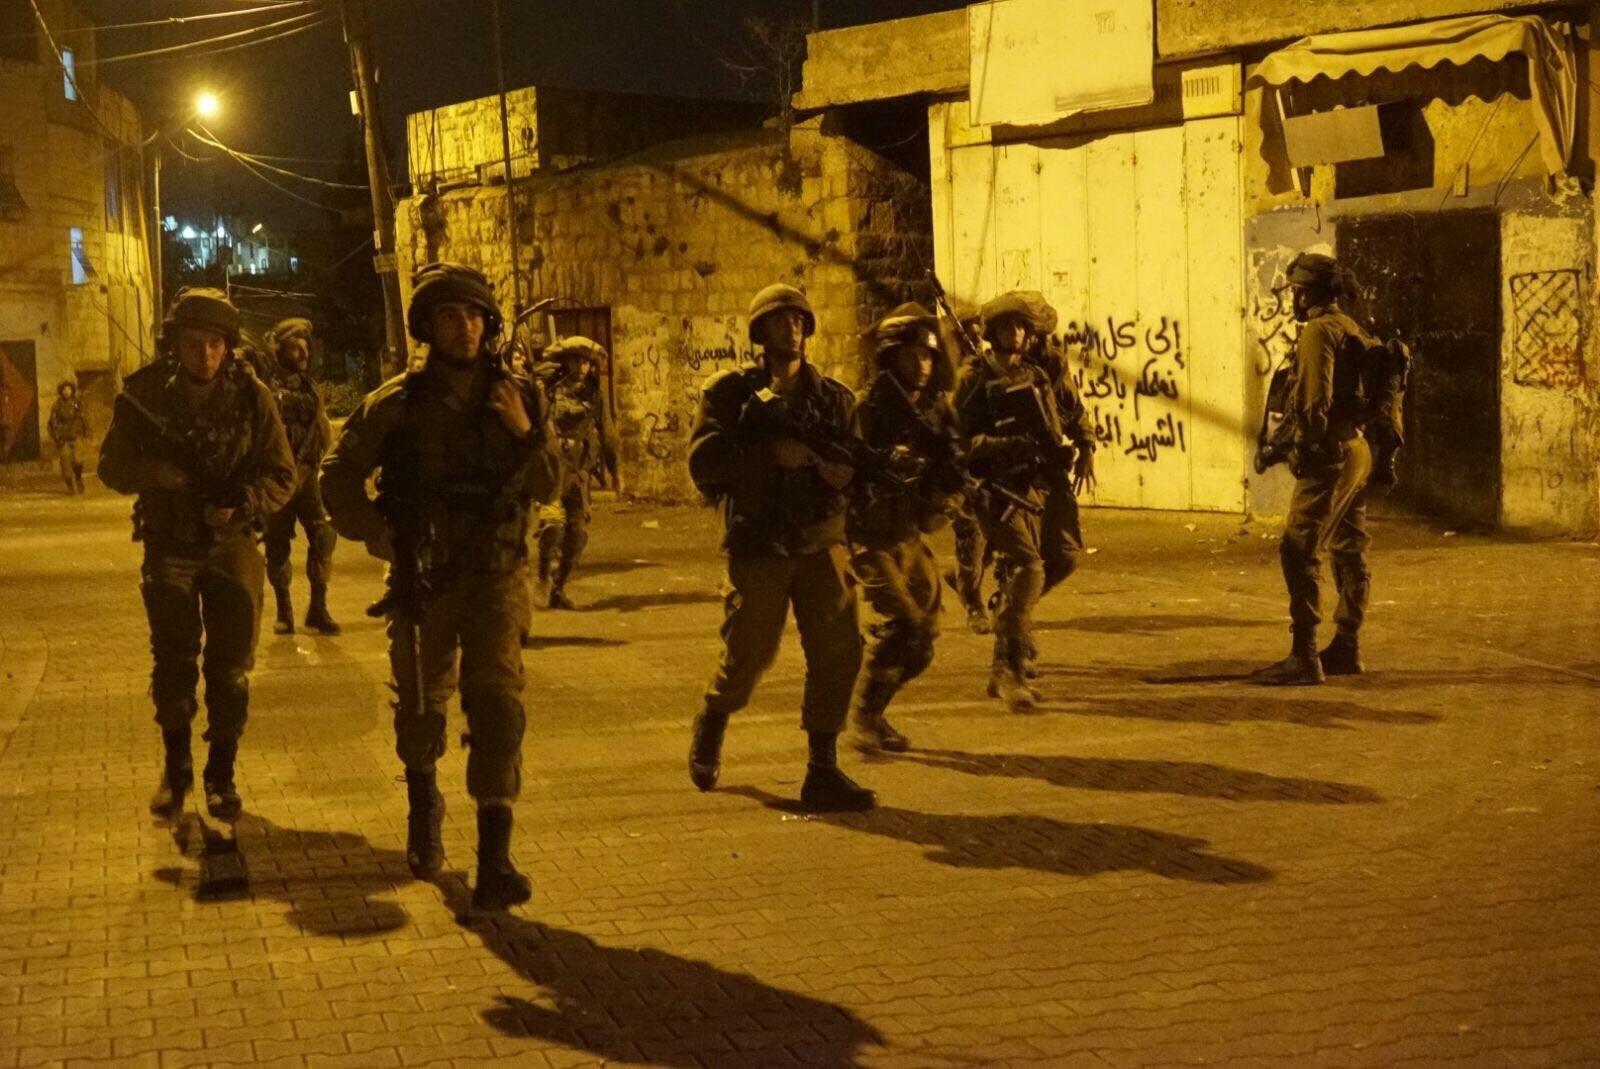 اندلاع مواجهات بين شبان فلسطينيين وقوات الاحتلال في قرية رأس كركر غرب رام الله